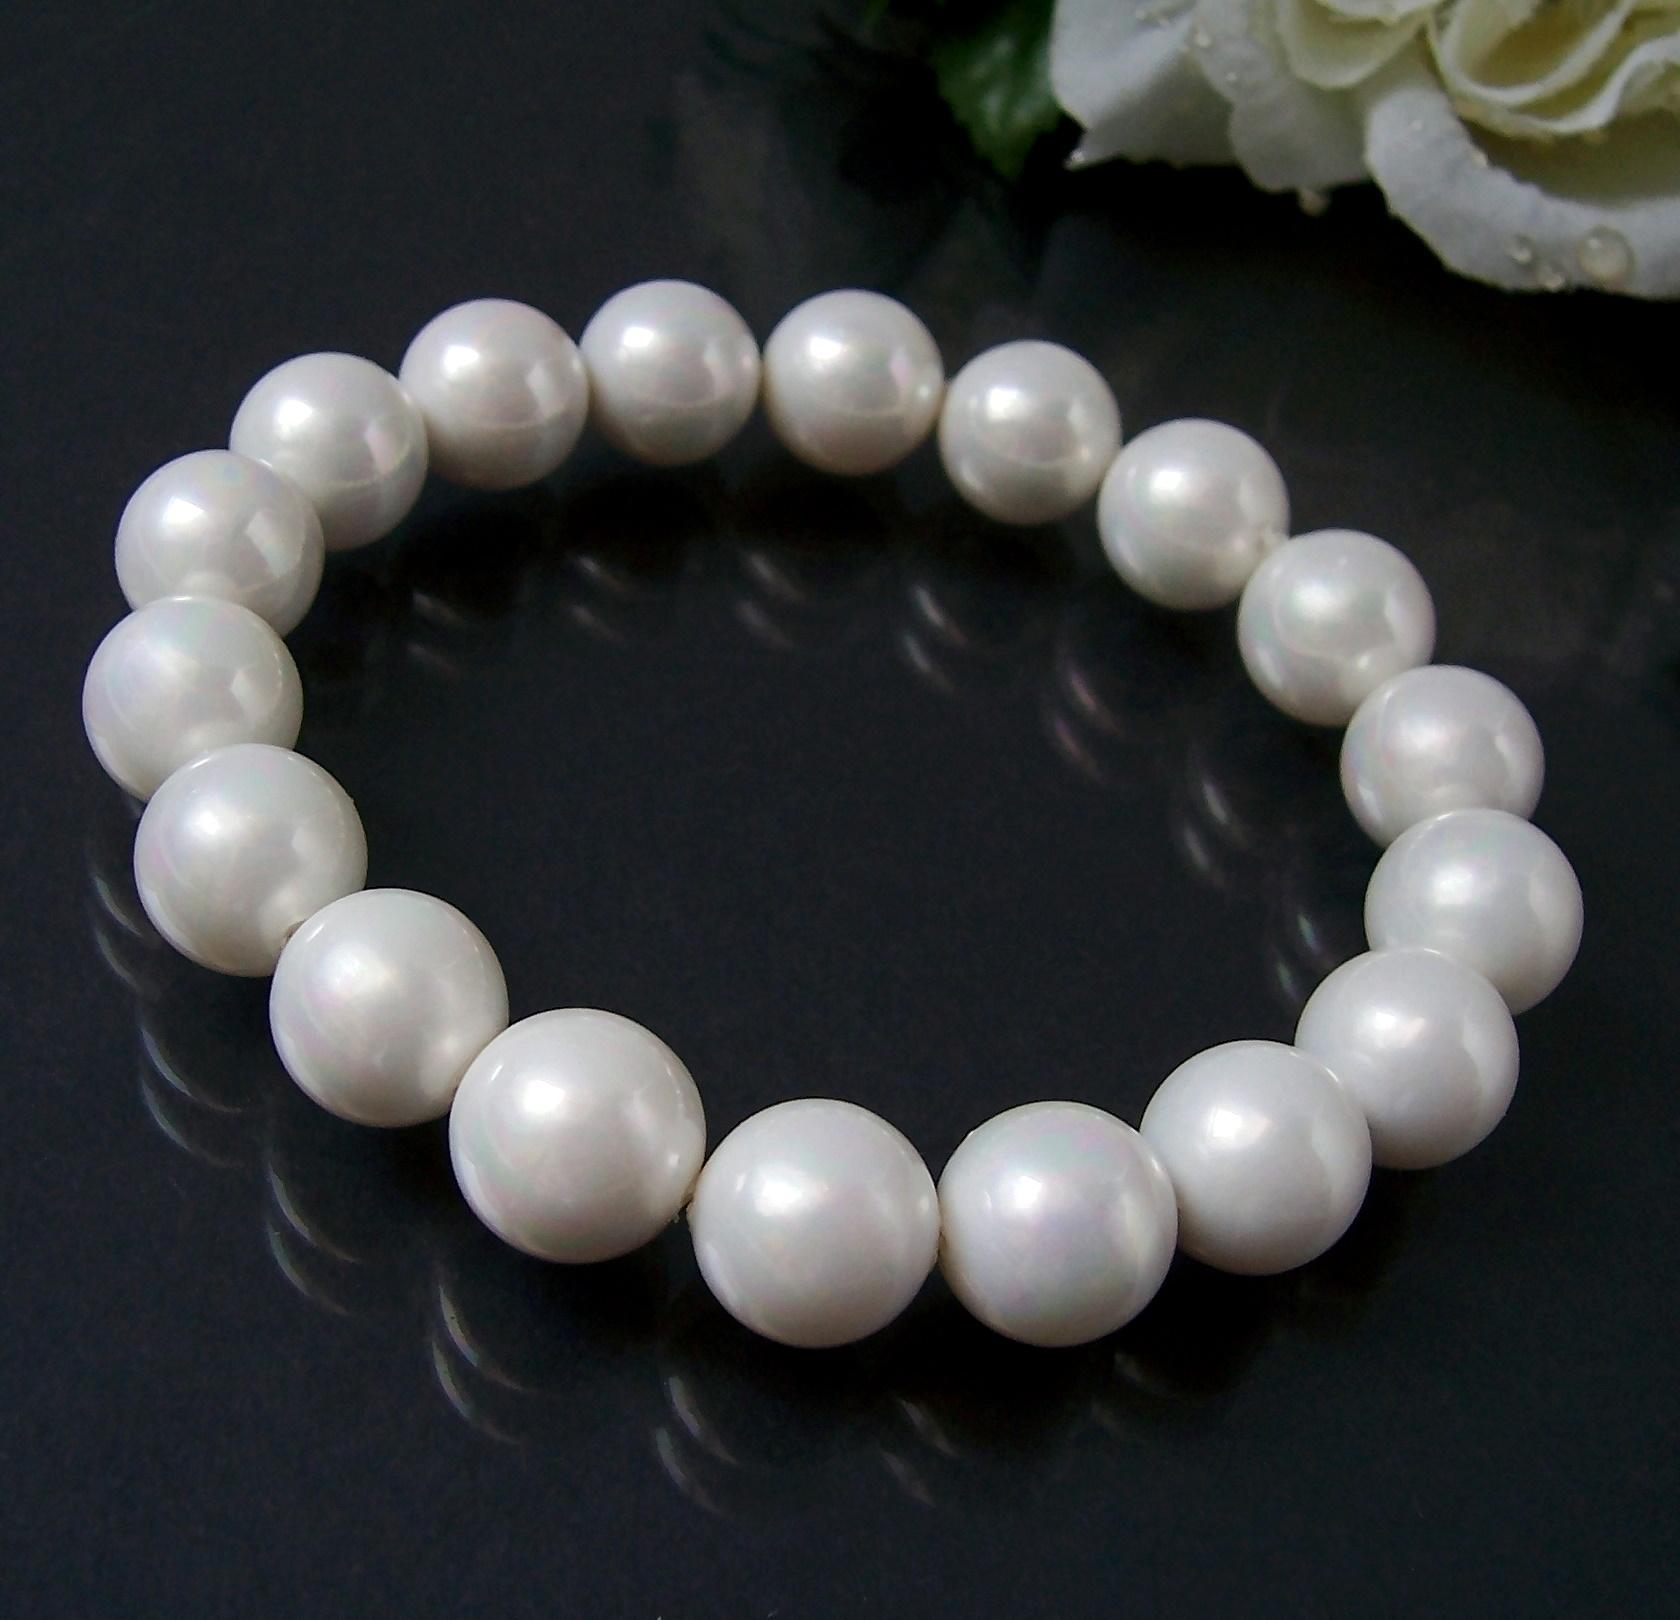 Armband Muschelkern Perlen 10mm Creamweiß Perlenarmband A481